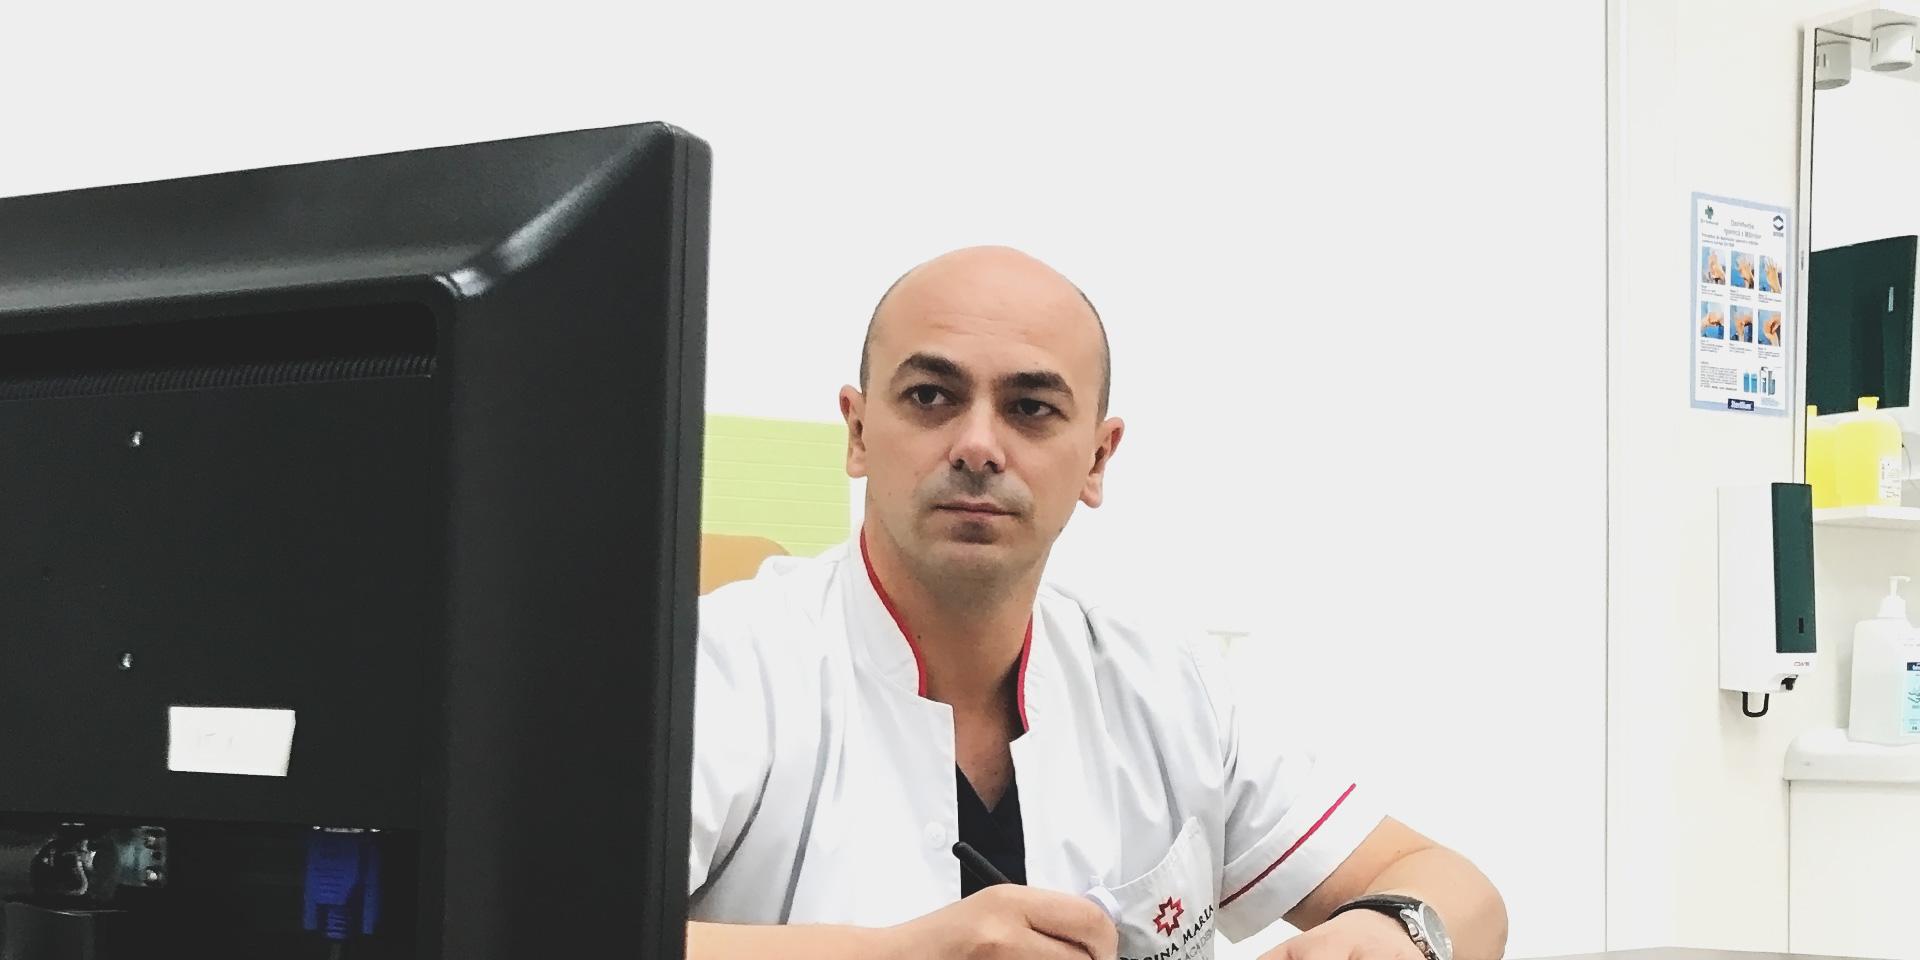 dr-velici-operatie-slide-03